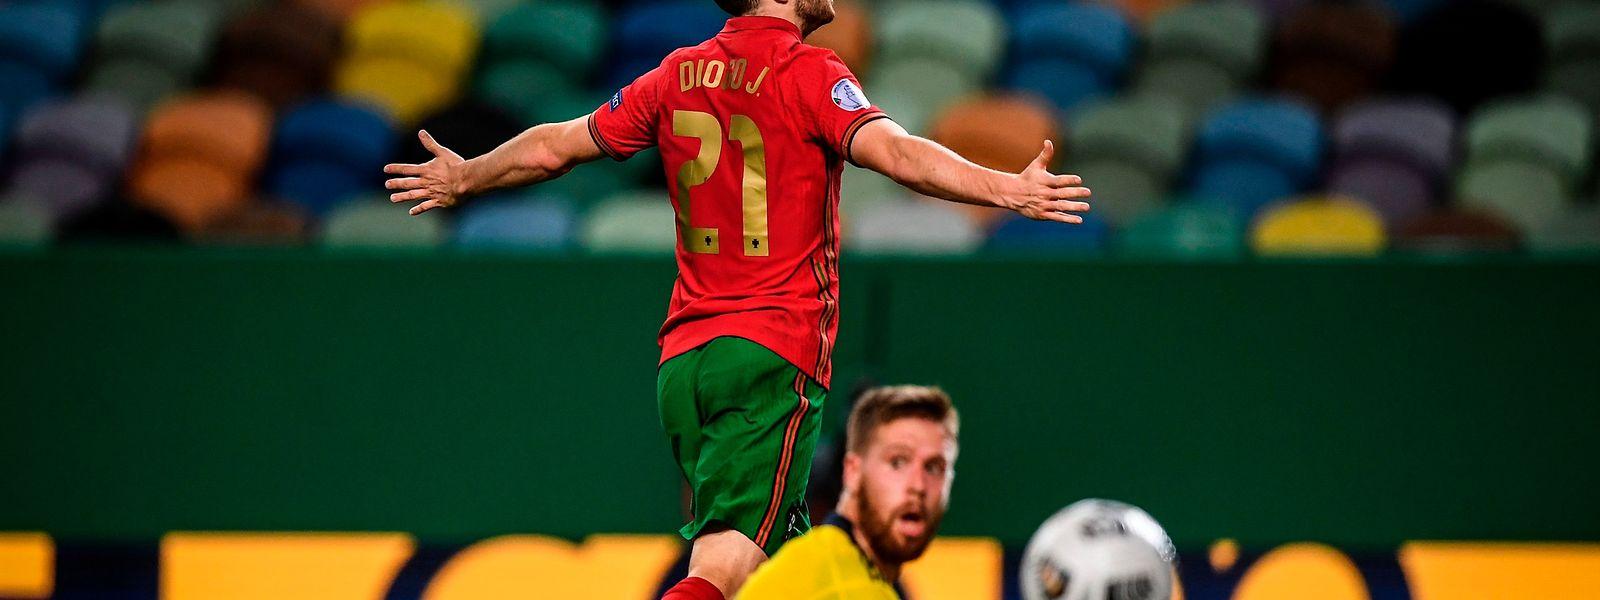 Diogo Jota teve uma noite para recordar em Alvalade, ao marcar dois golos frente à Suécia, em jogo do grupo 3 da Liga A das Nações.